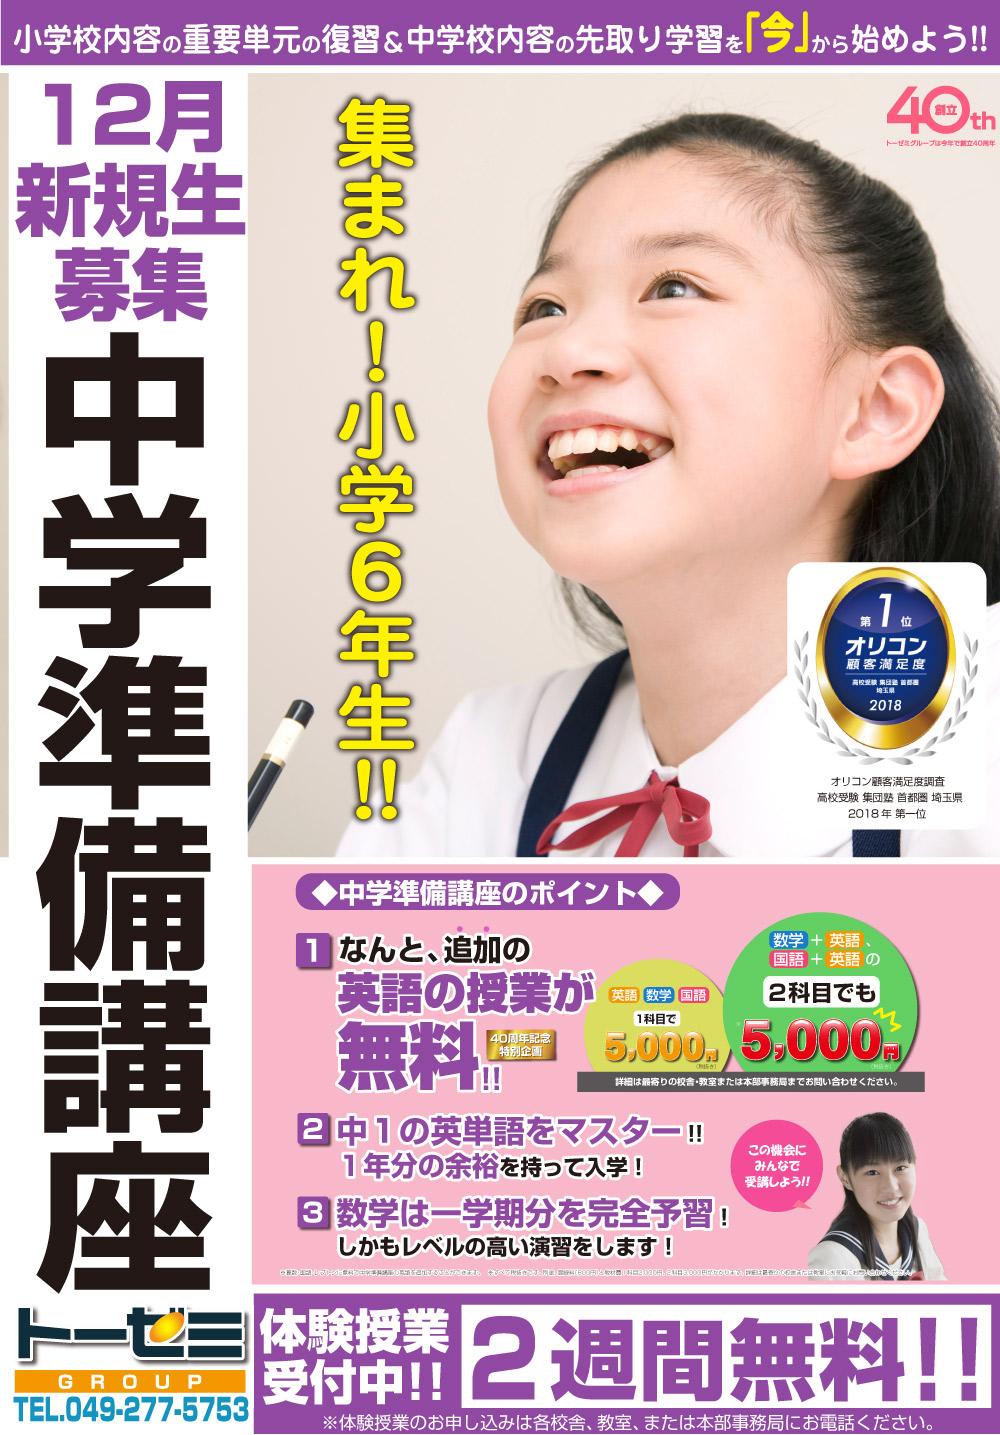 【トーゼミグループ】12月中学準備講座募集中!